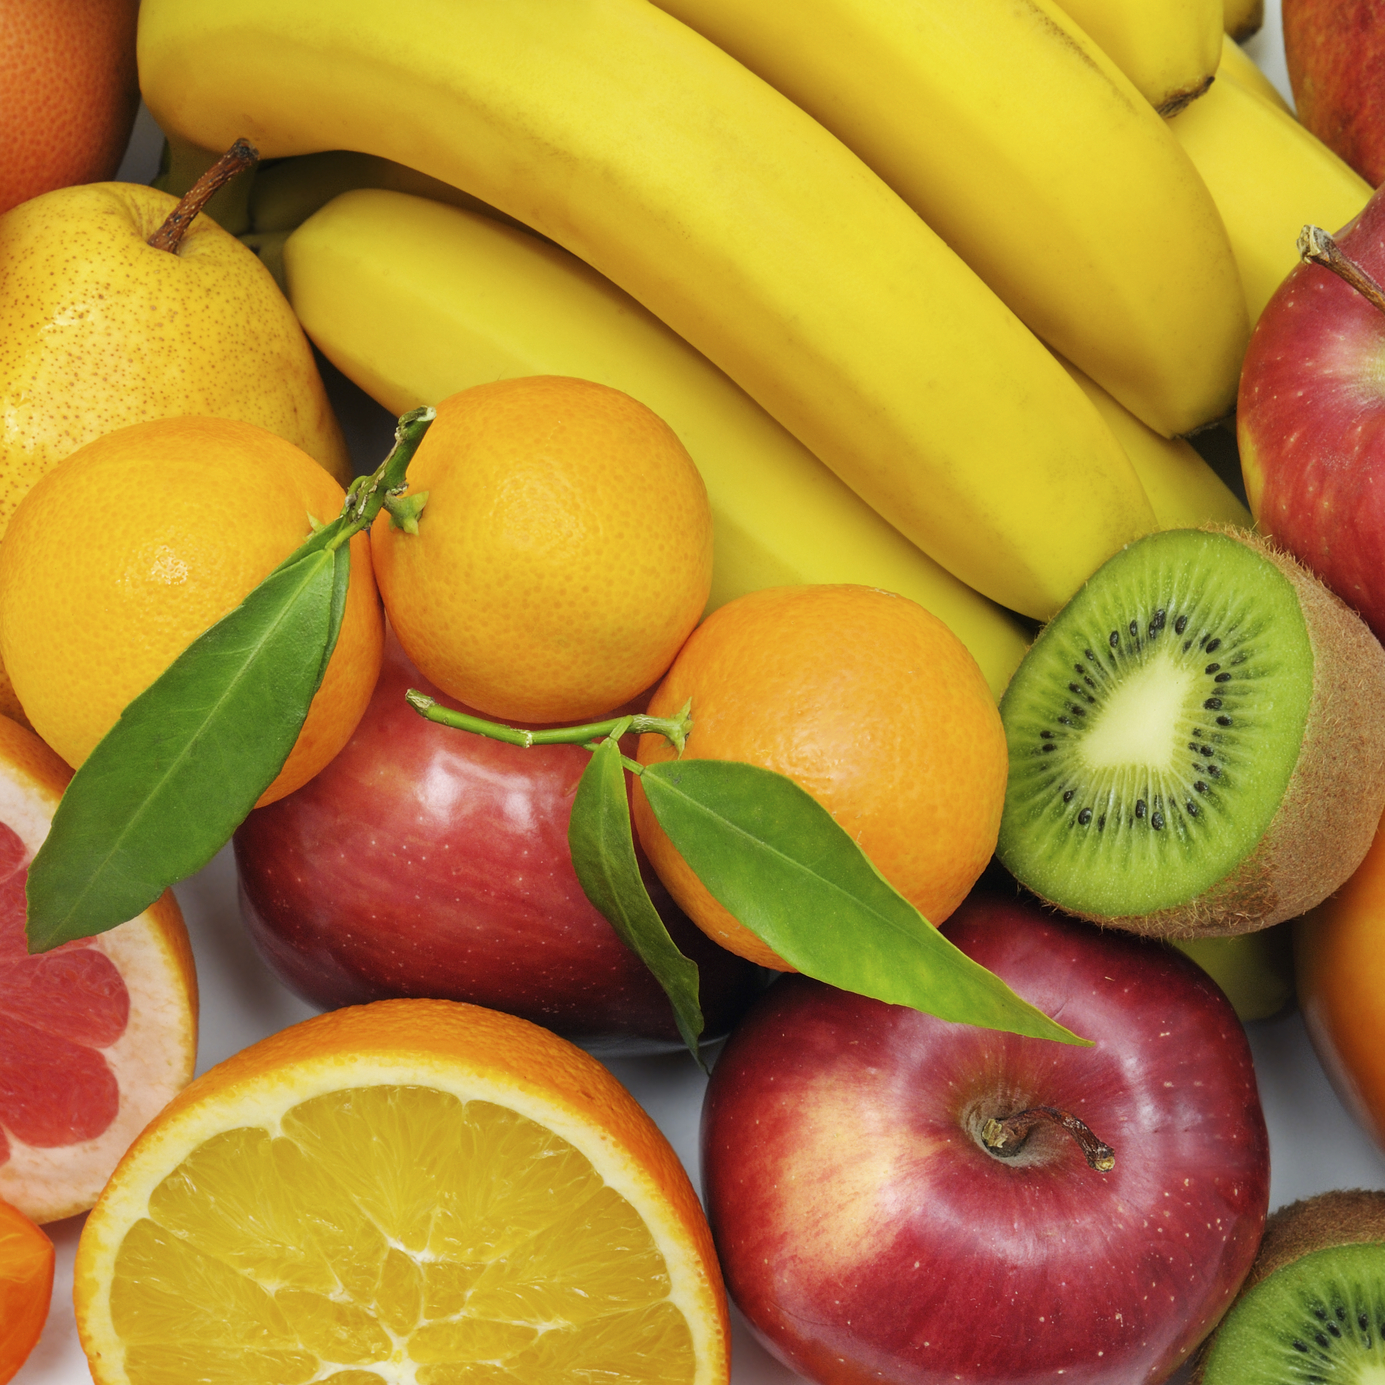 tesco offer fruit to children